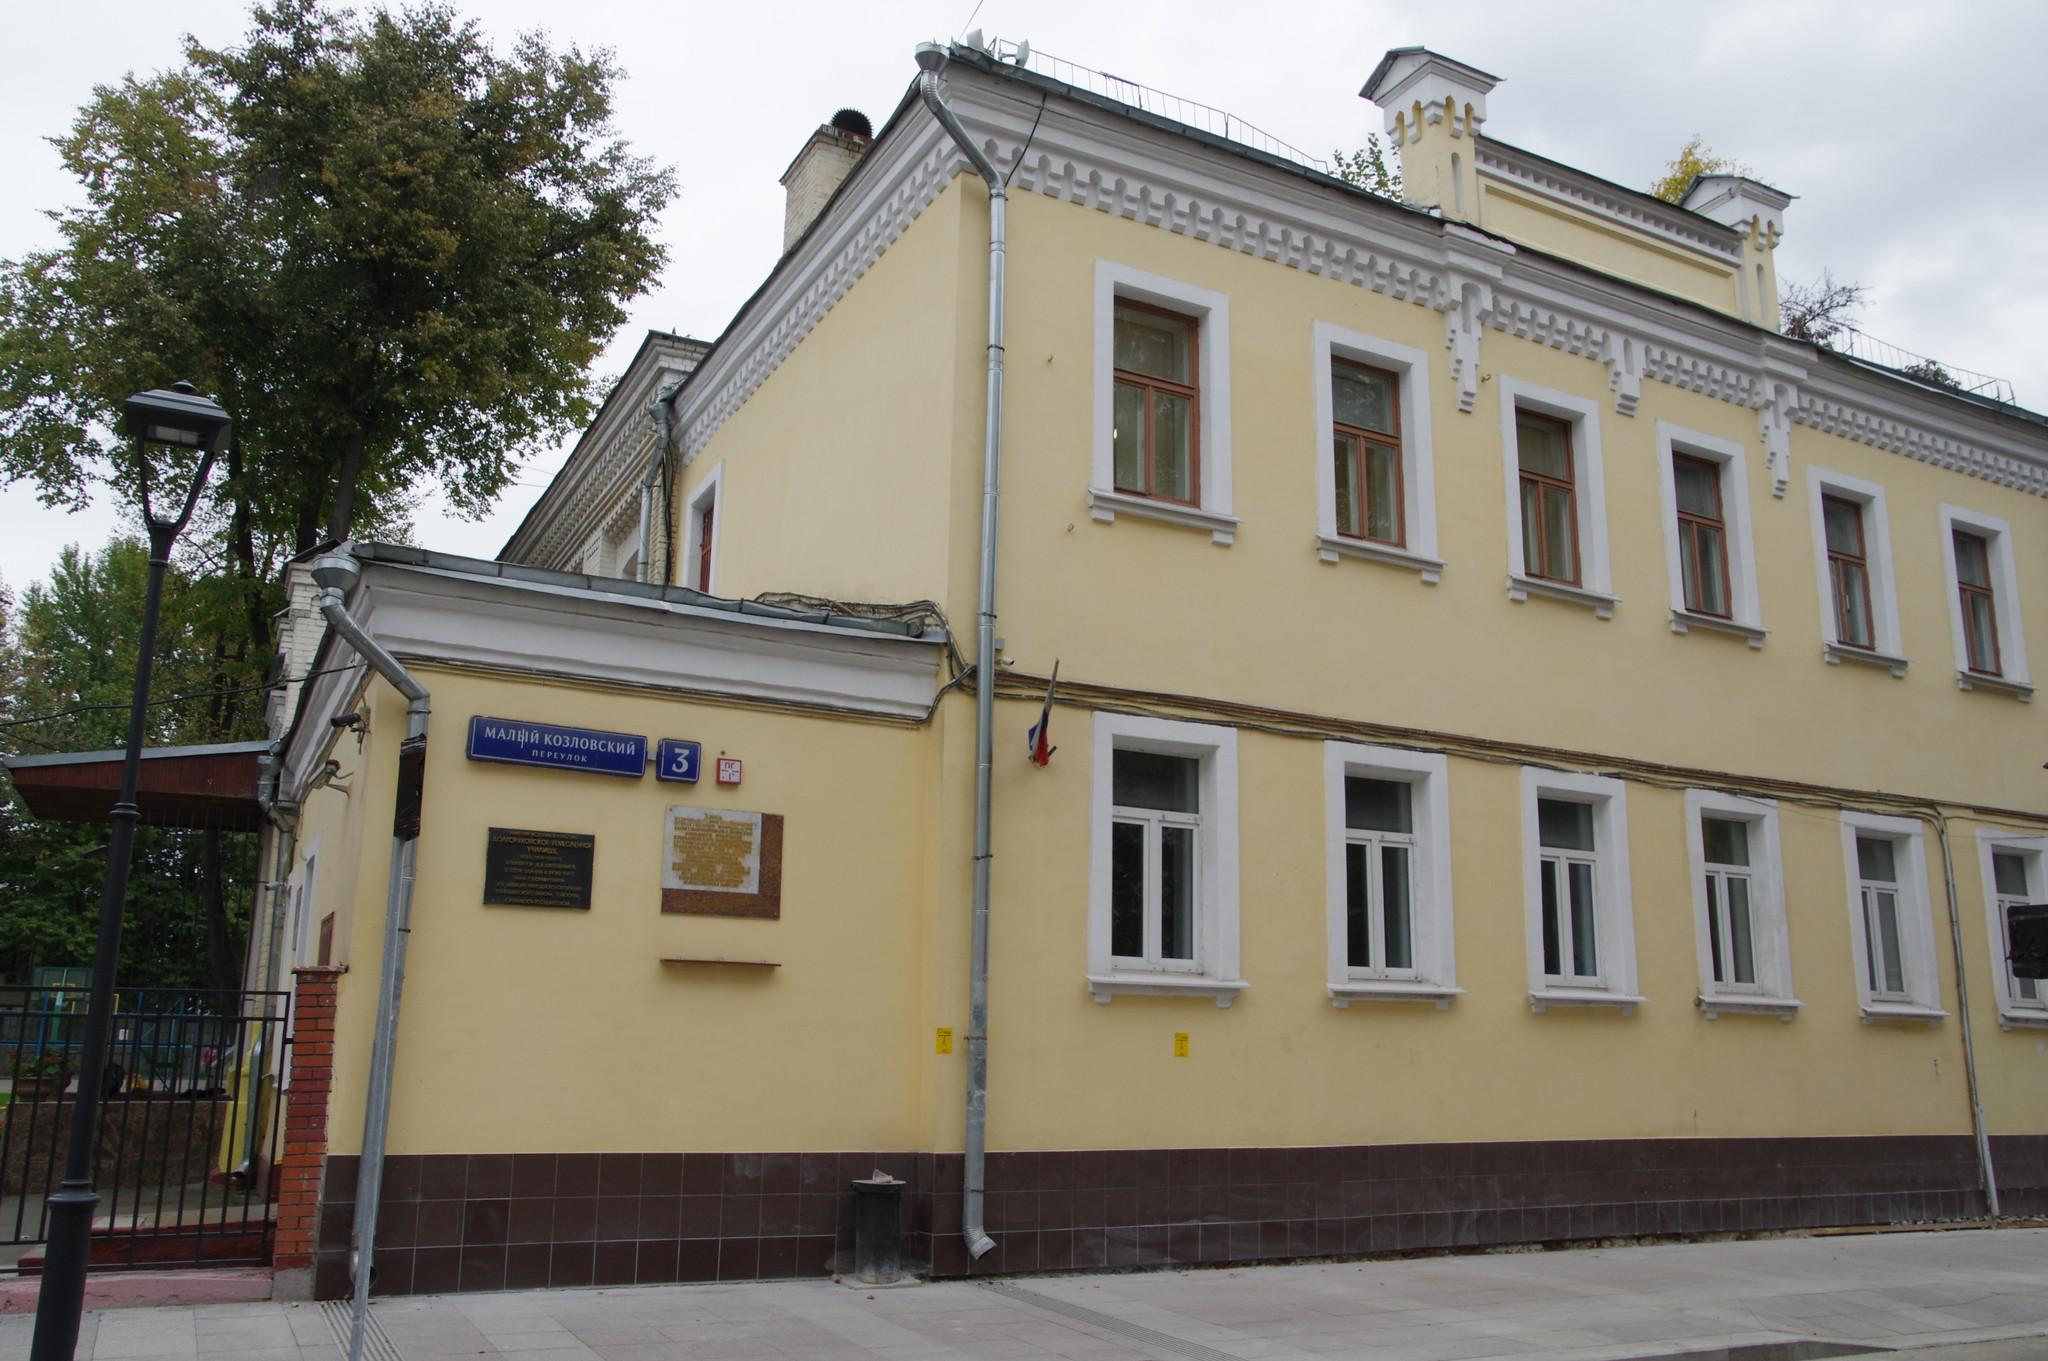 Долгоруковское ремесленное училище. В июле 1941 года здесь была сформирована 4-я дивизия народного ополчения (Малый Козловский переулок, дом 3)